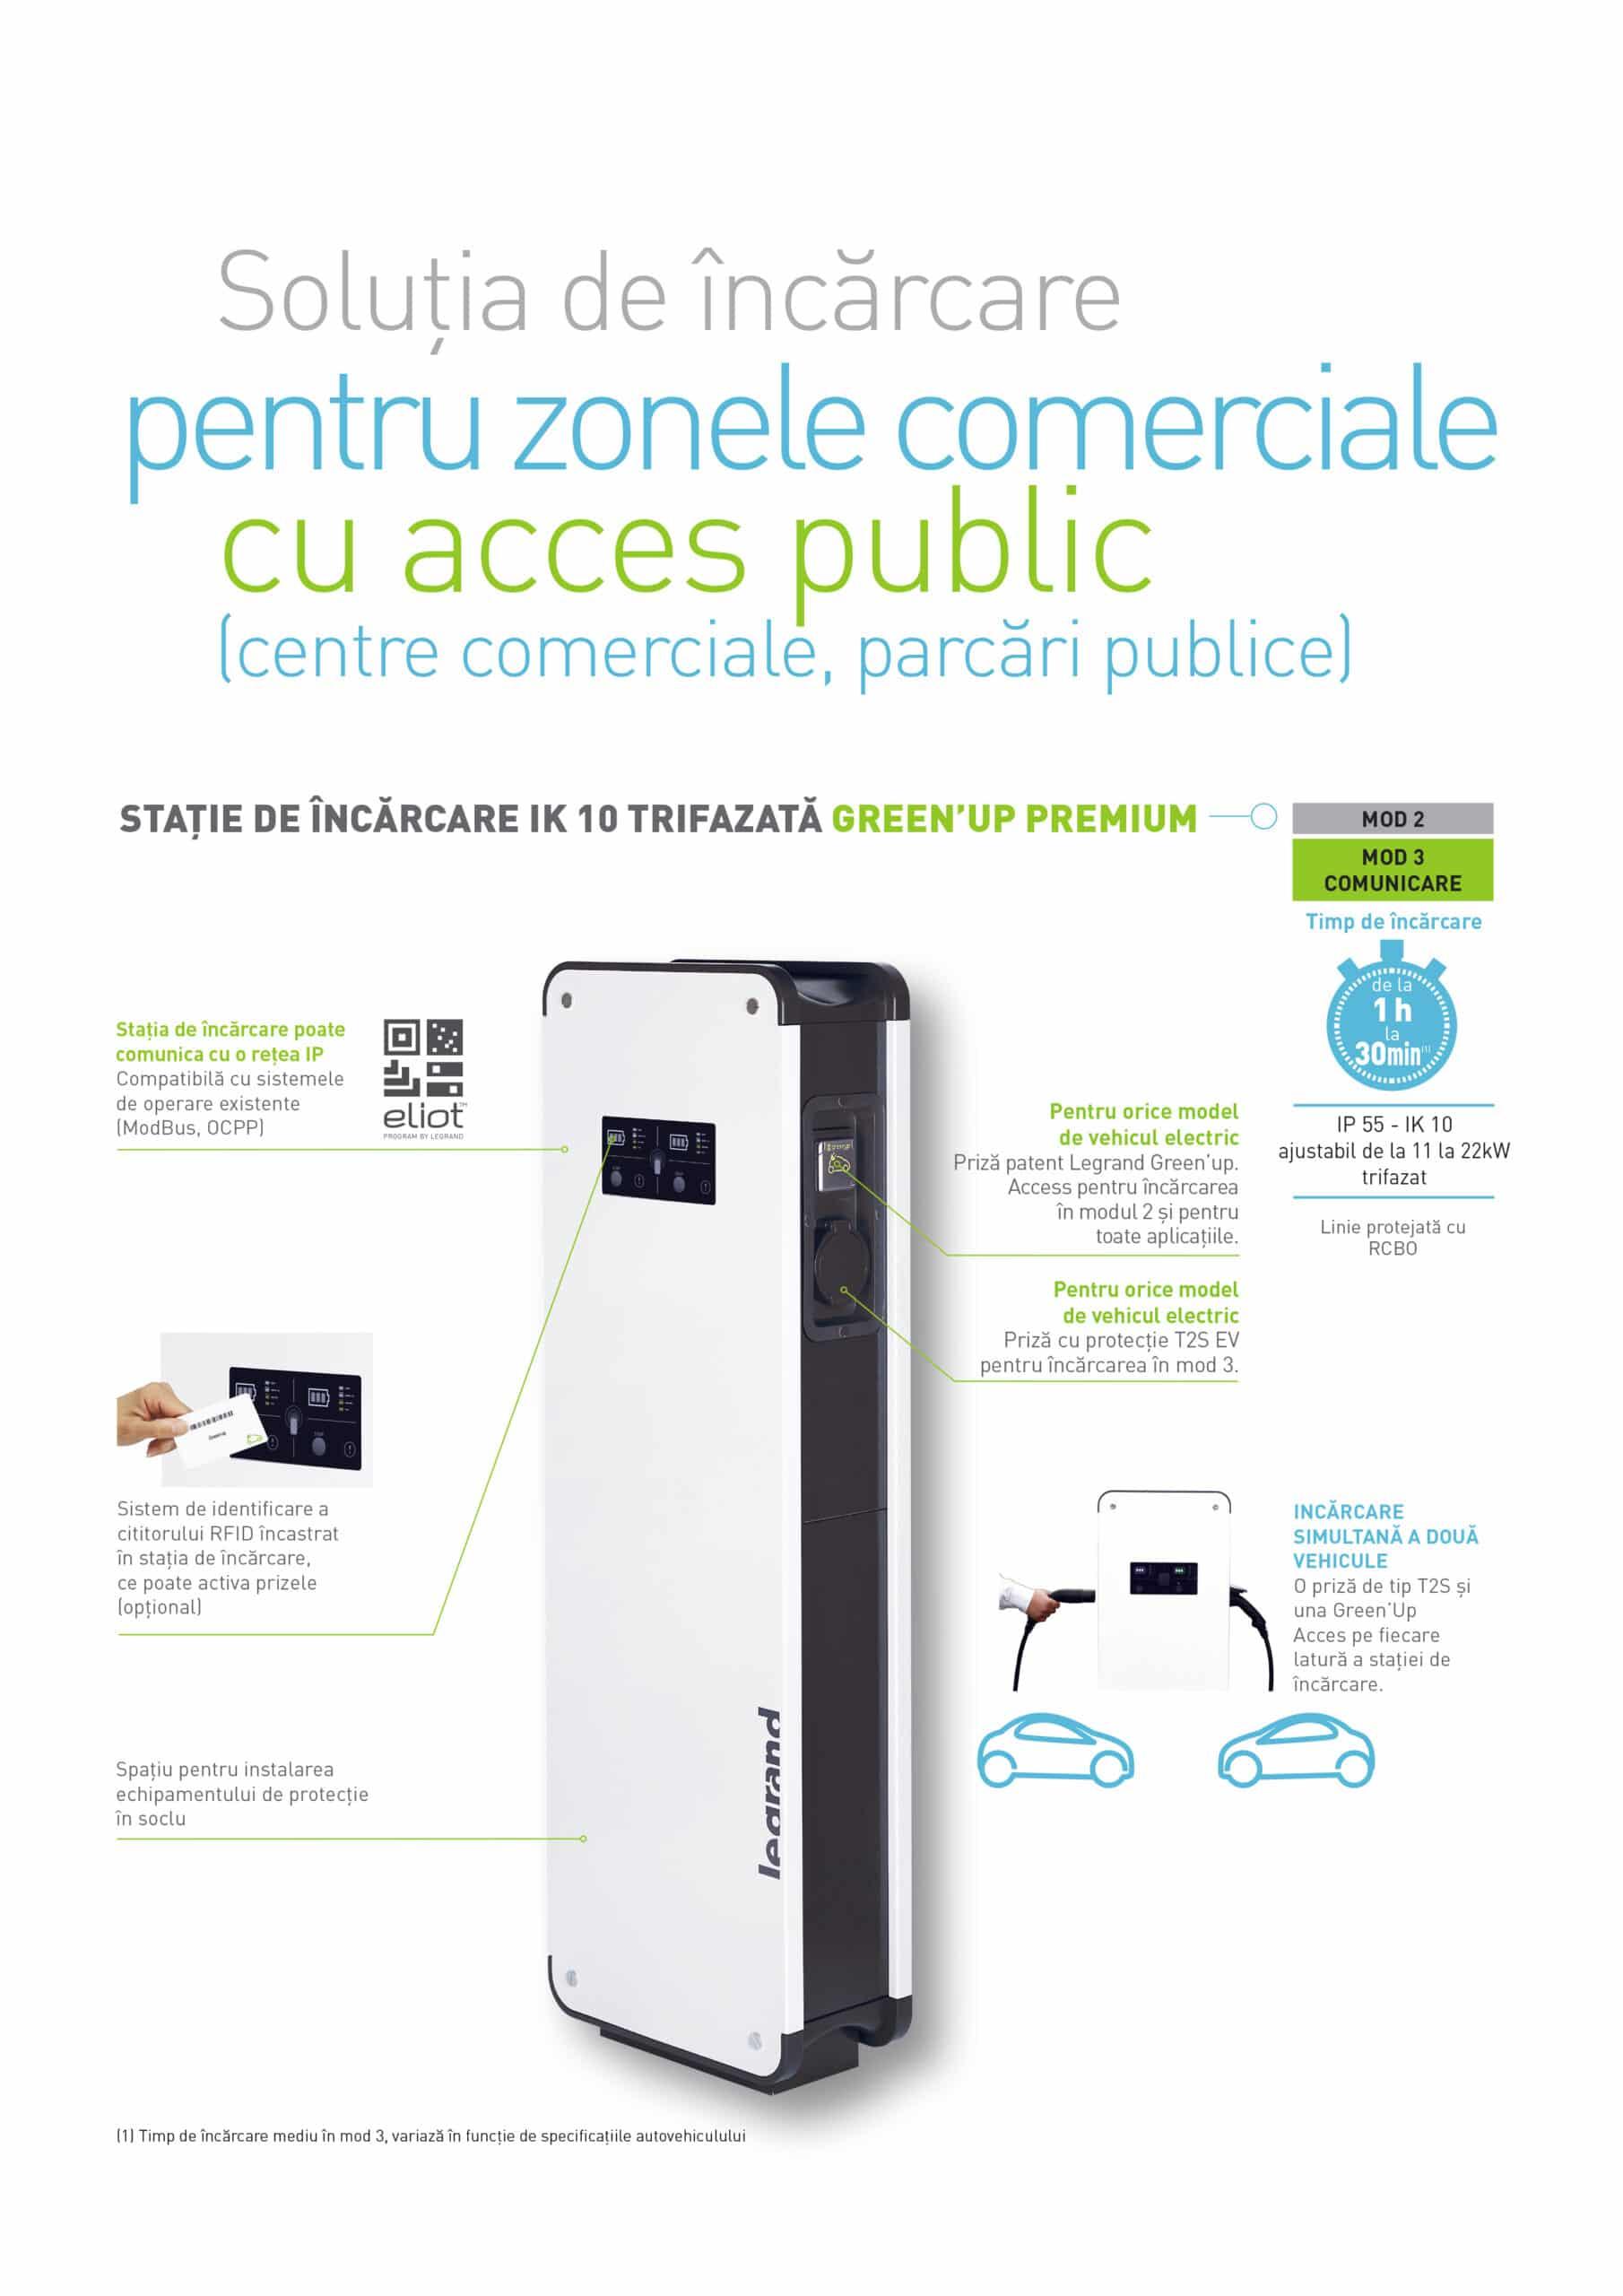 Solutia de incarcare pentru zonele comerciale cu acces public (centre comerciale, parcari publice)